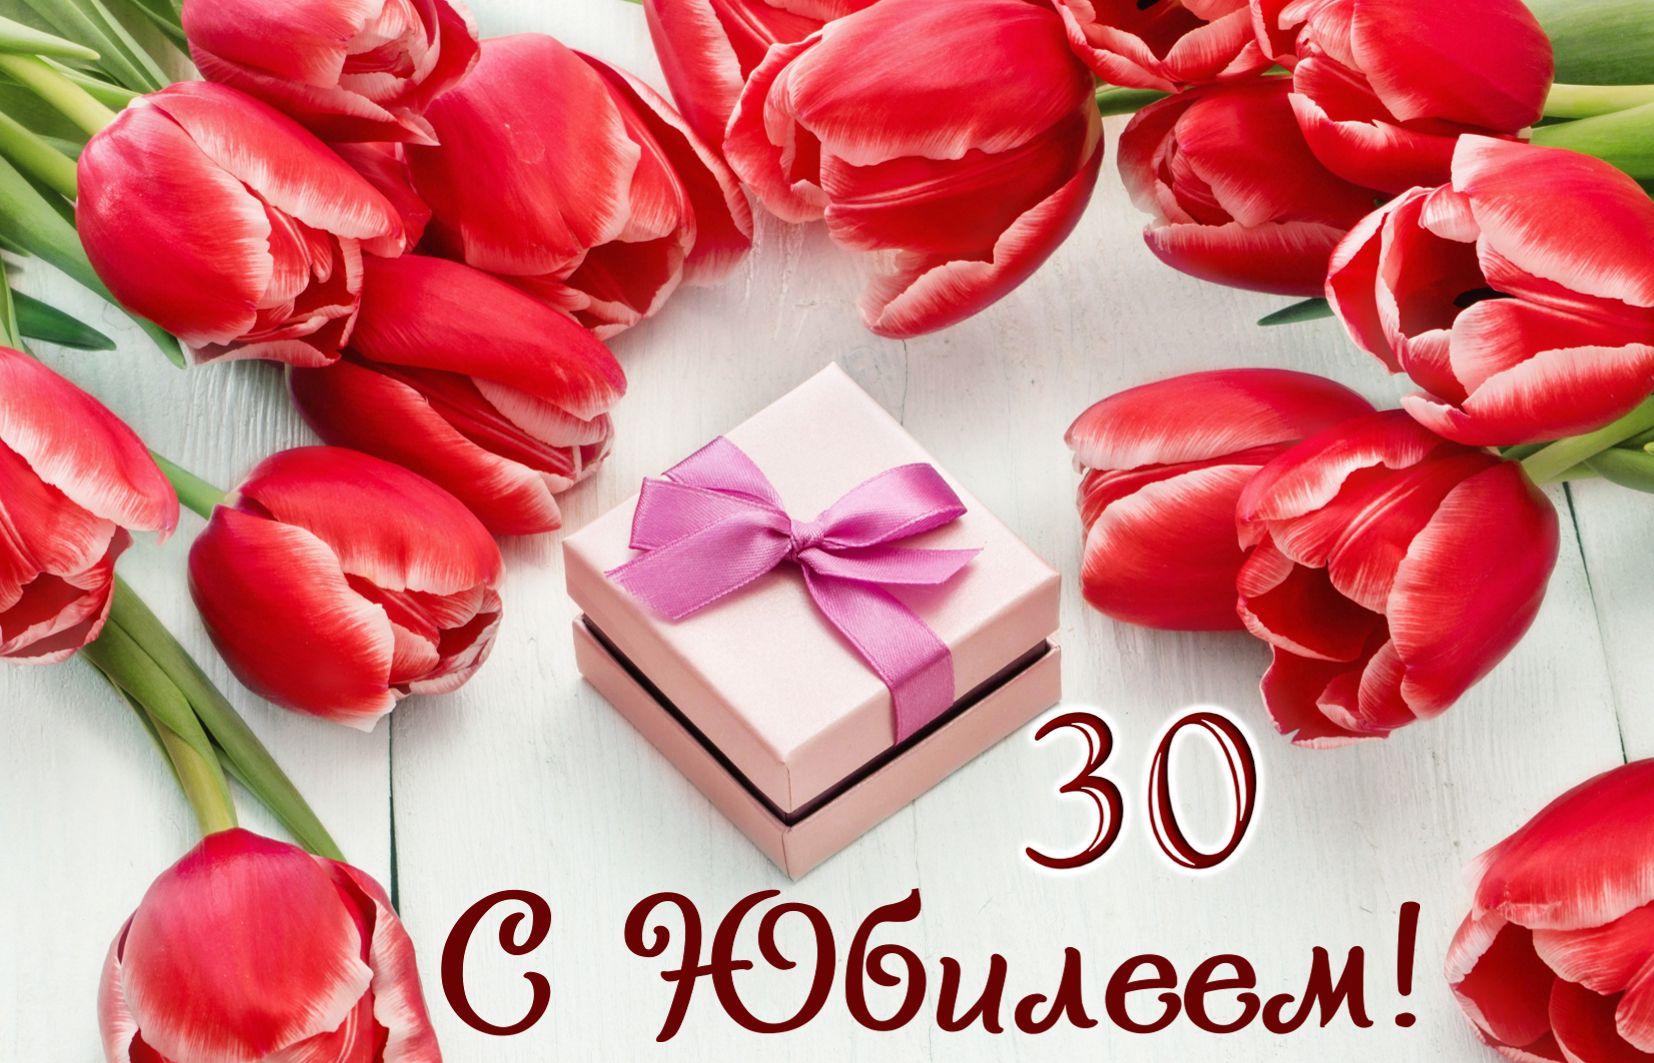 Открытка к юбилею 30 лет - подарок в окружении тюльпанов